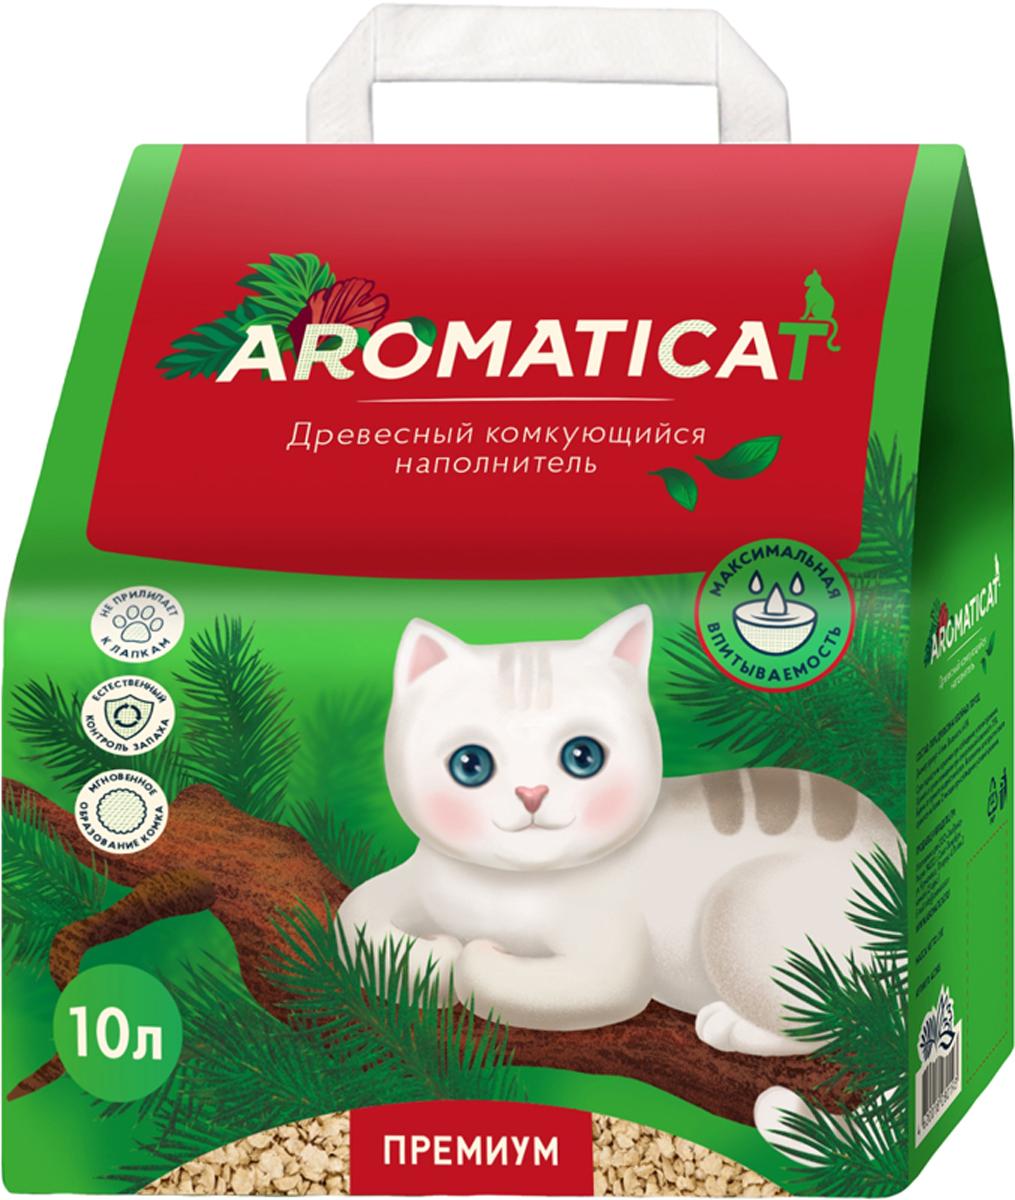 Наполнитель для кошачьего туалета AromatiCat Premium, древесный, комкующийся, 10 л цена в Москве и Питере